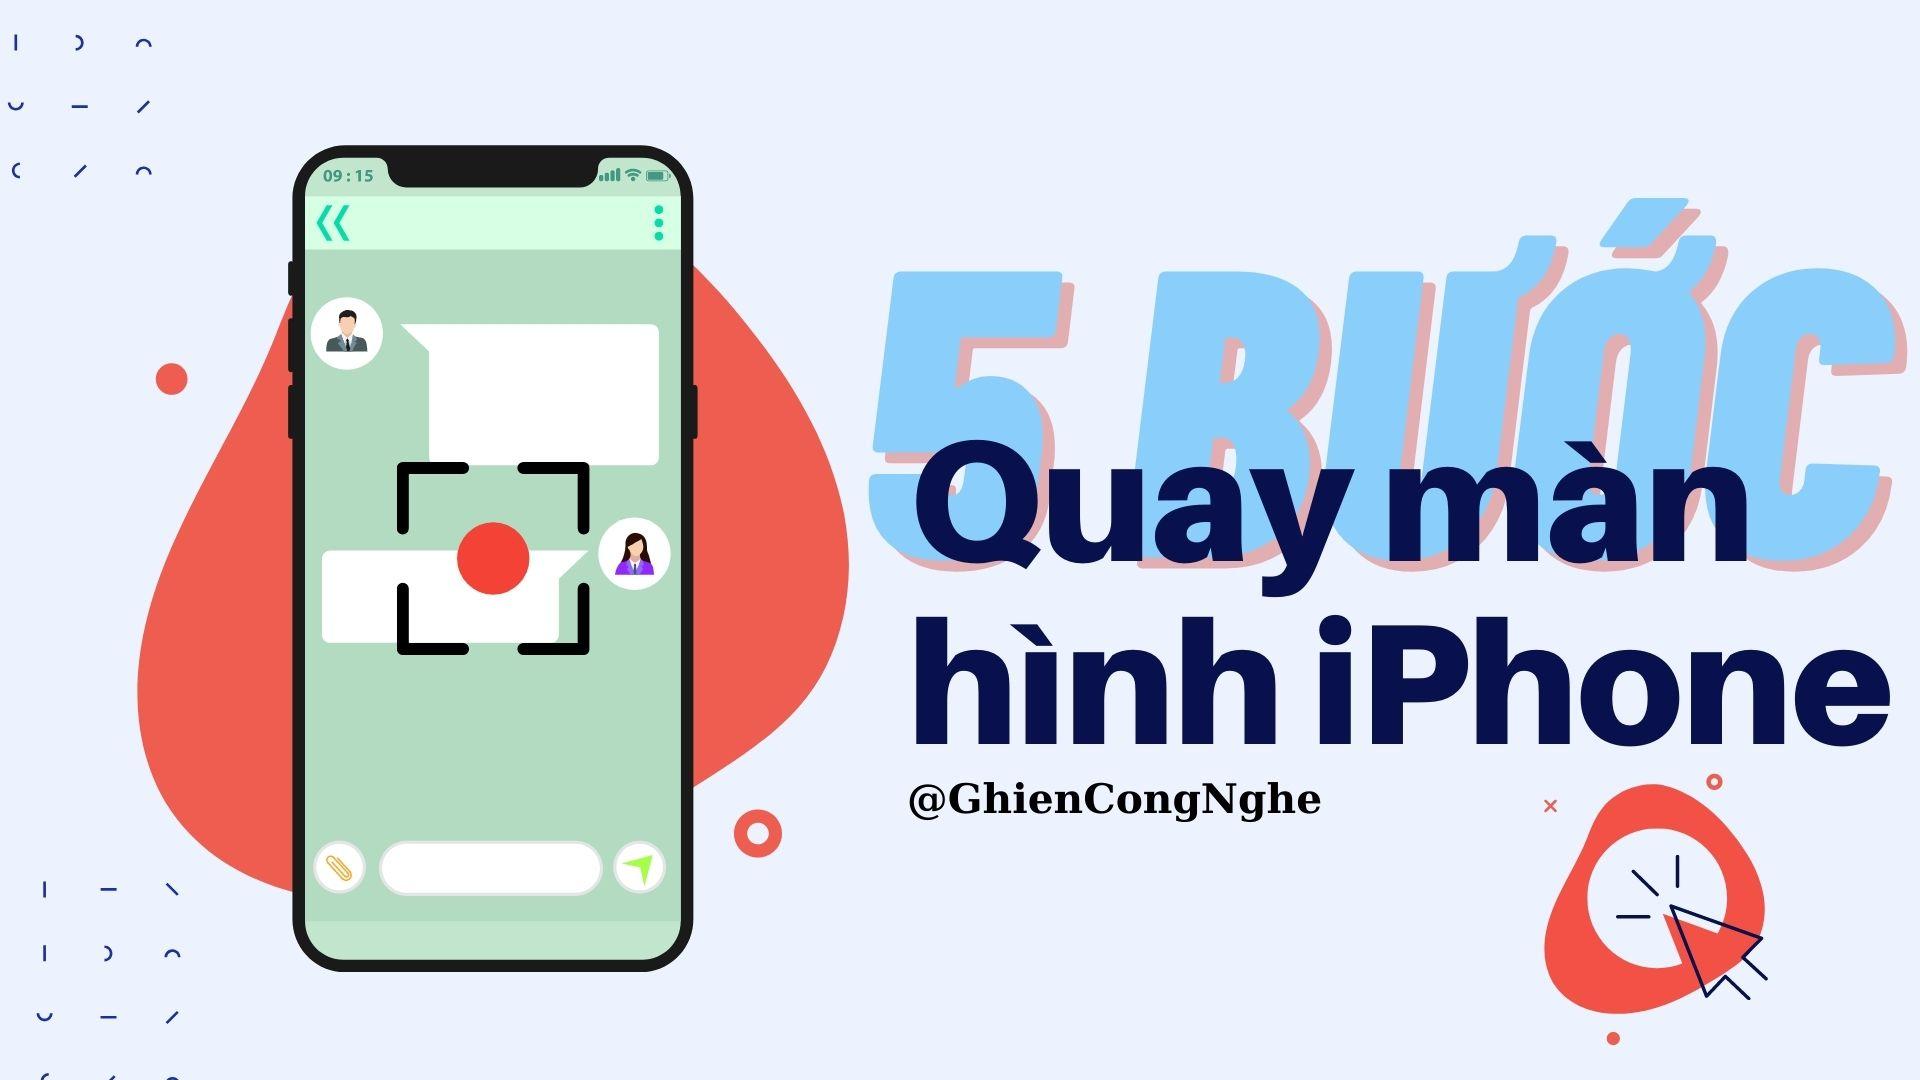 Cách quay màn hình iPhone chỉ với 5 bước đơn giản